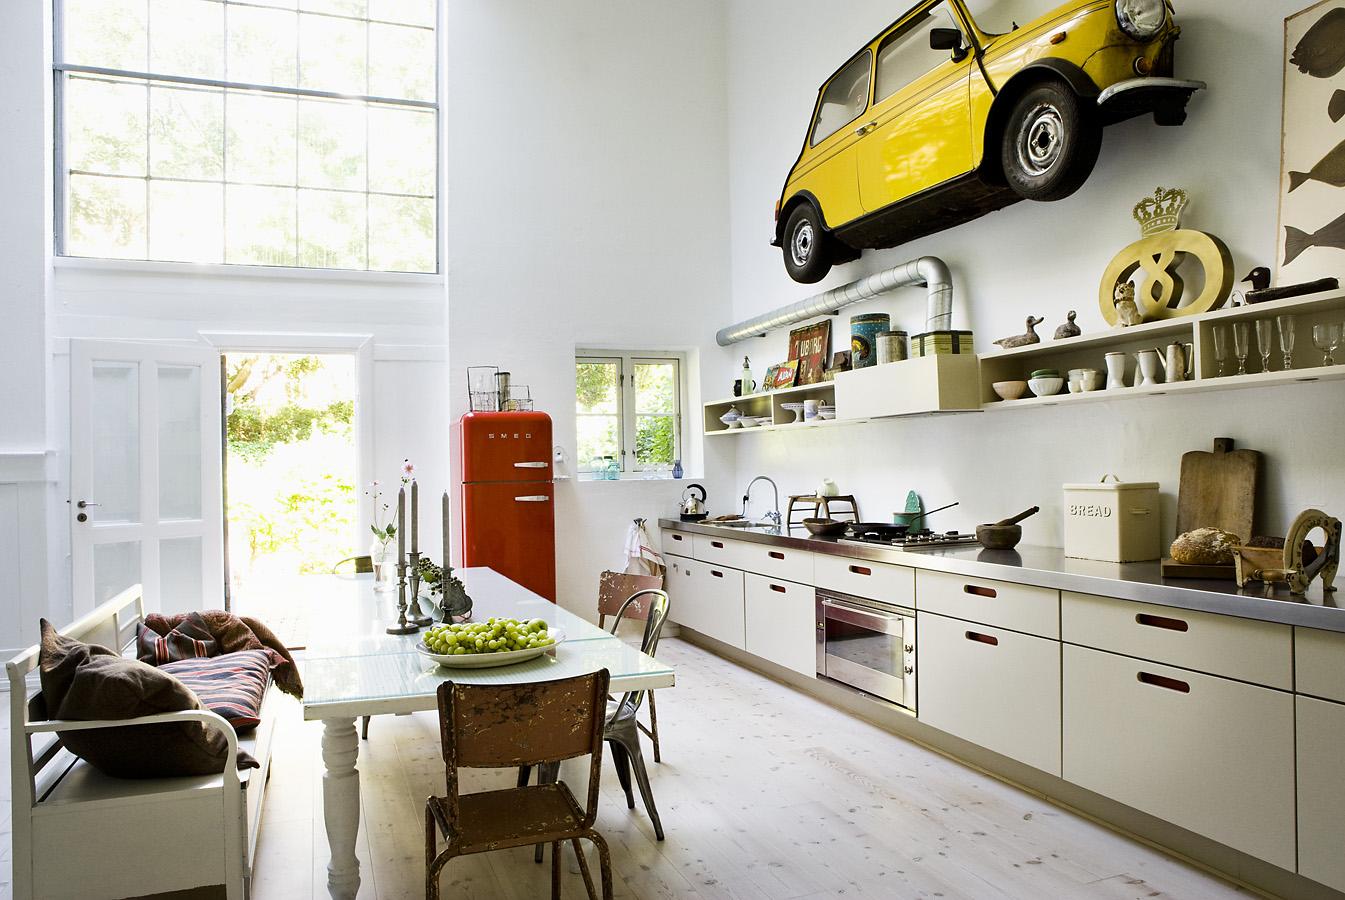 Современная кухня в стиле модерн - особенности отделки